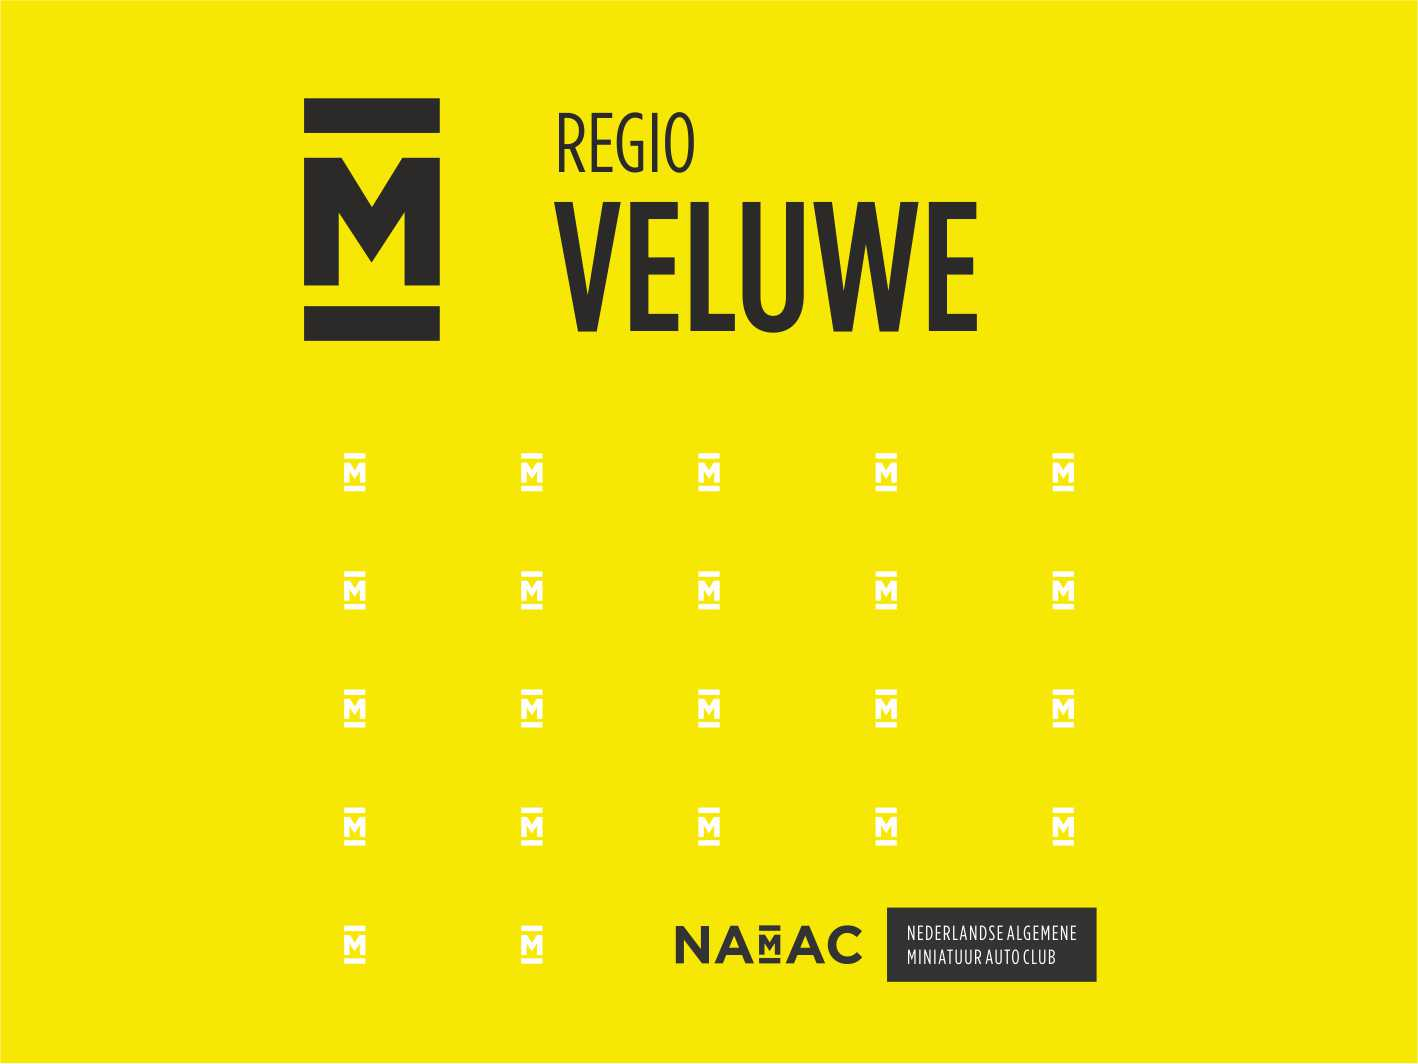 Regio Veluwe (7 Maart 2020)